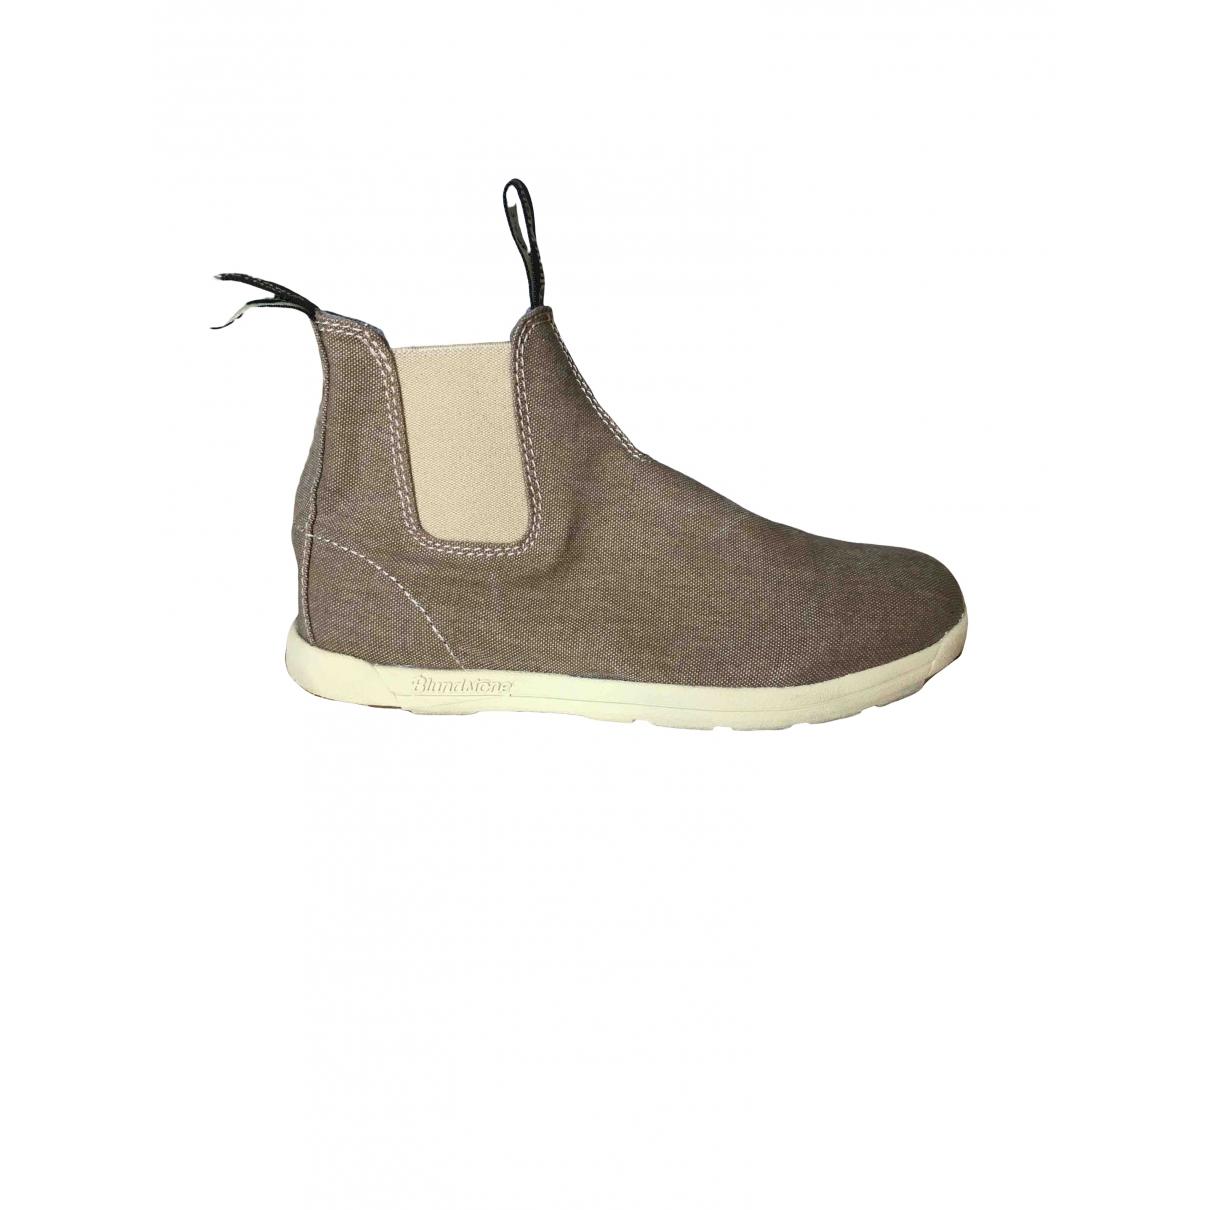 Blundstone - Boots   pour femme en toile - kaki